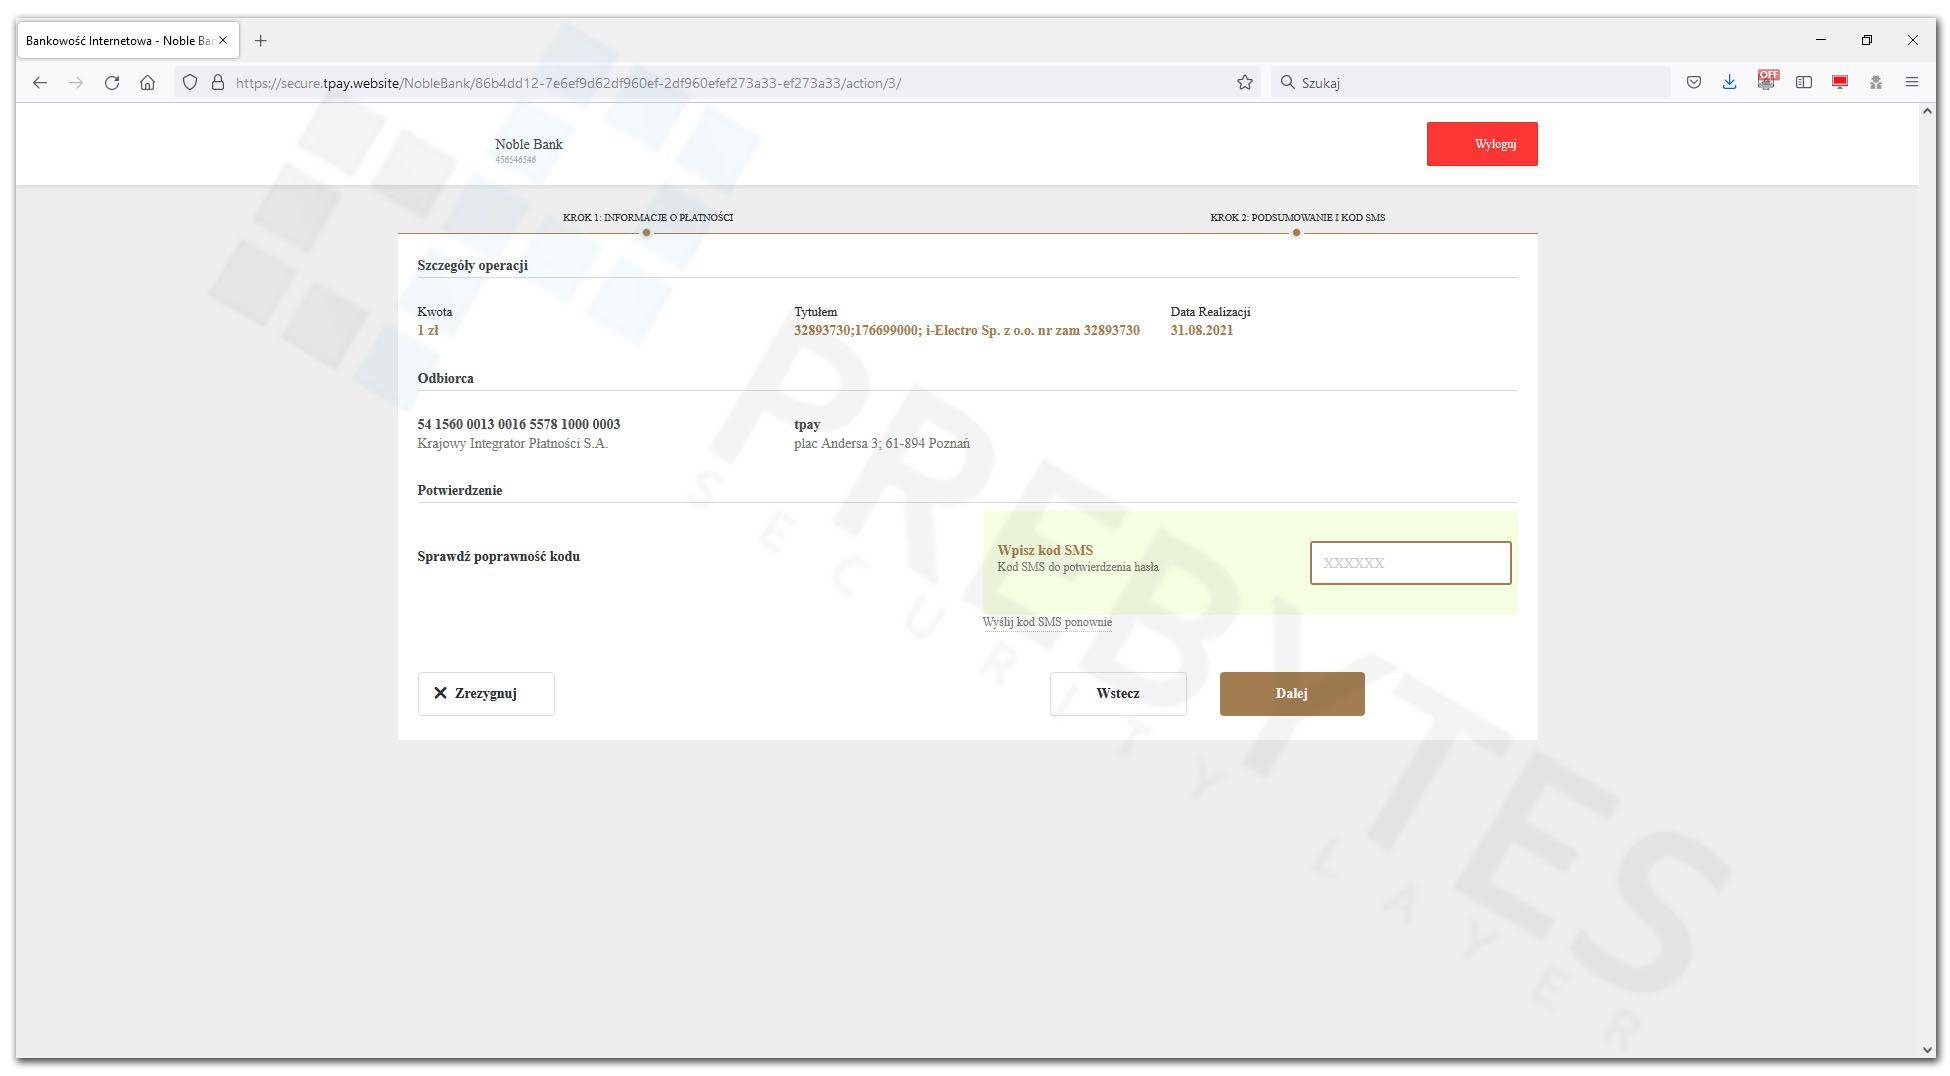 Kod autoryzacyjny SMS - Noble Bank